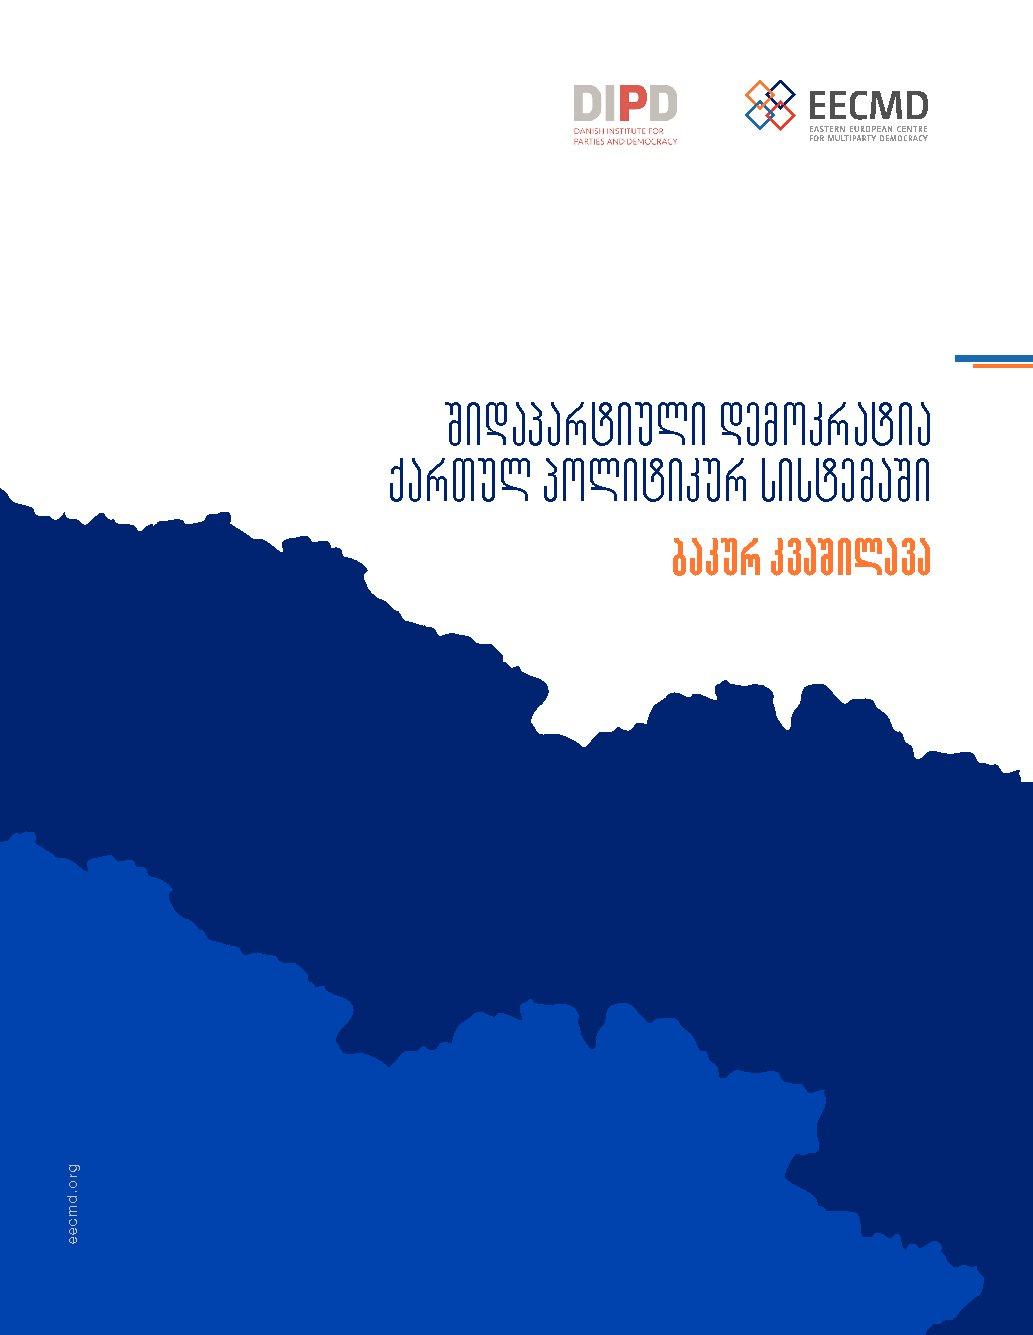 შიდაპარტიული დემოკრატია ქართულ პოლიტიკურ სისტემაში